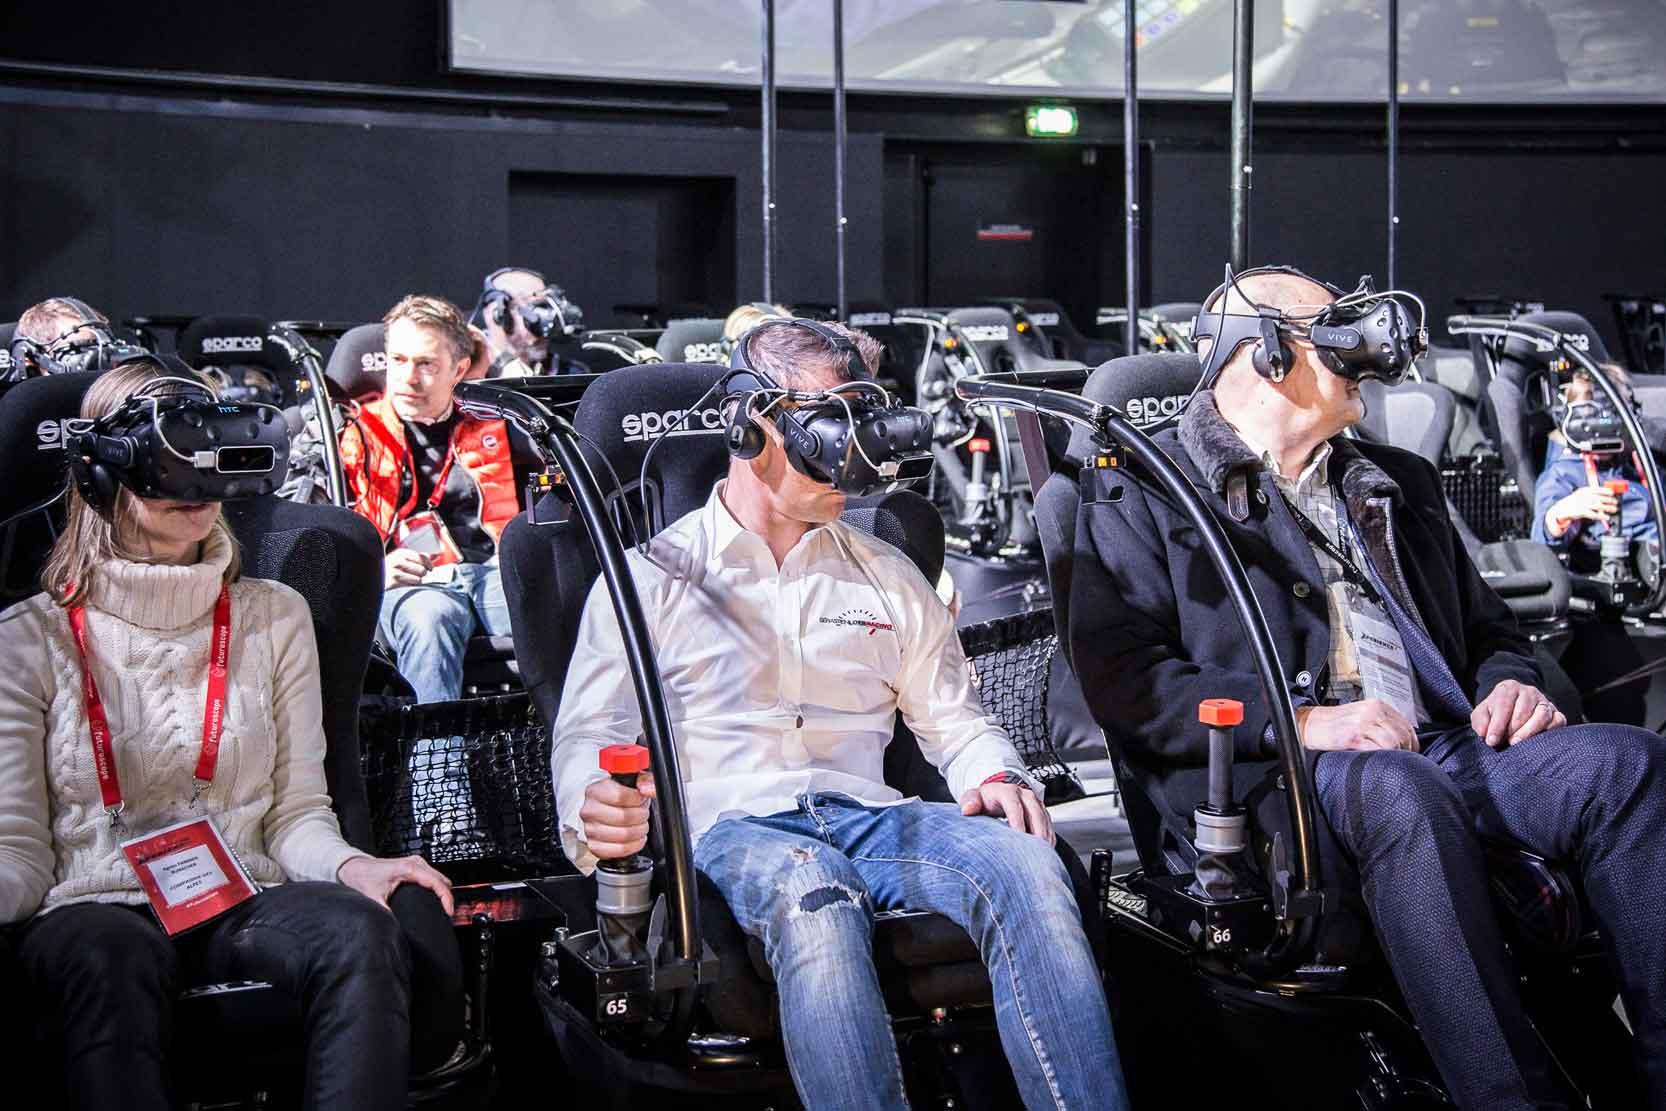 Sebastien Loeb racing attraction